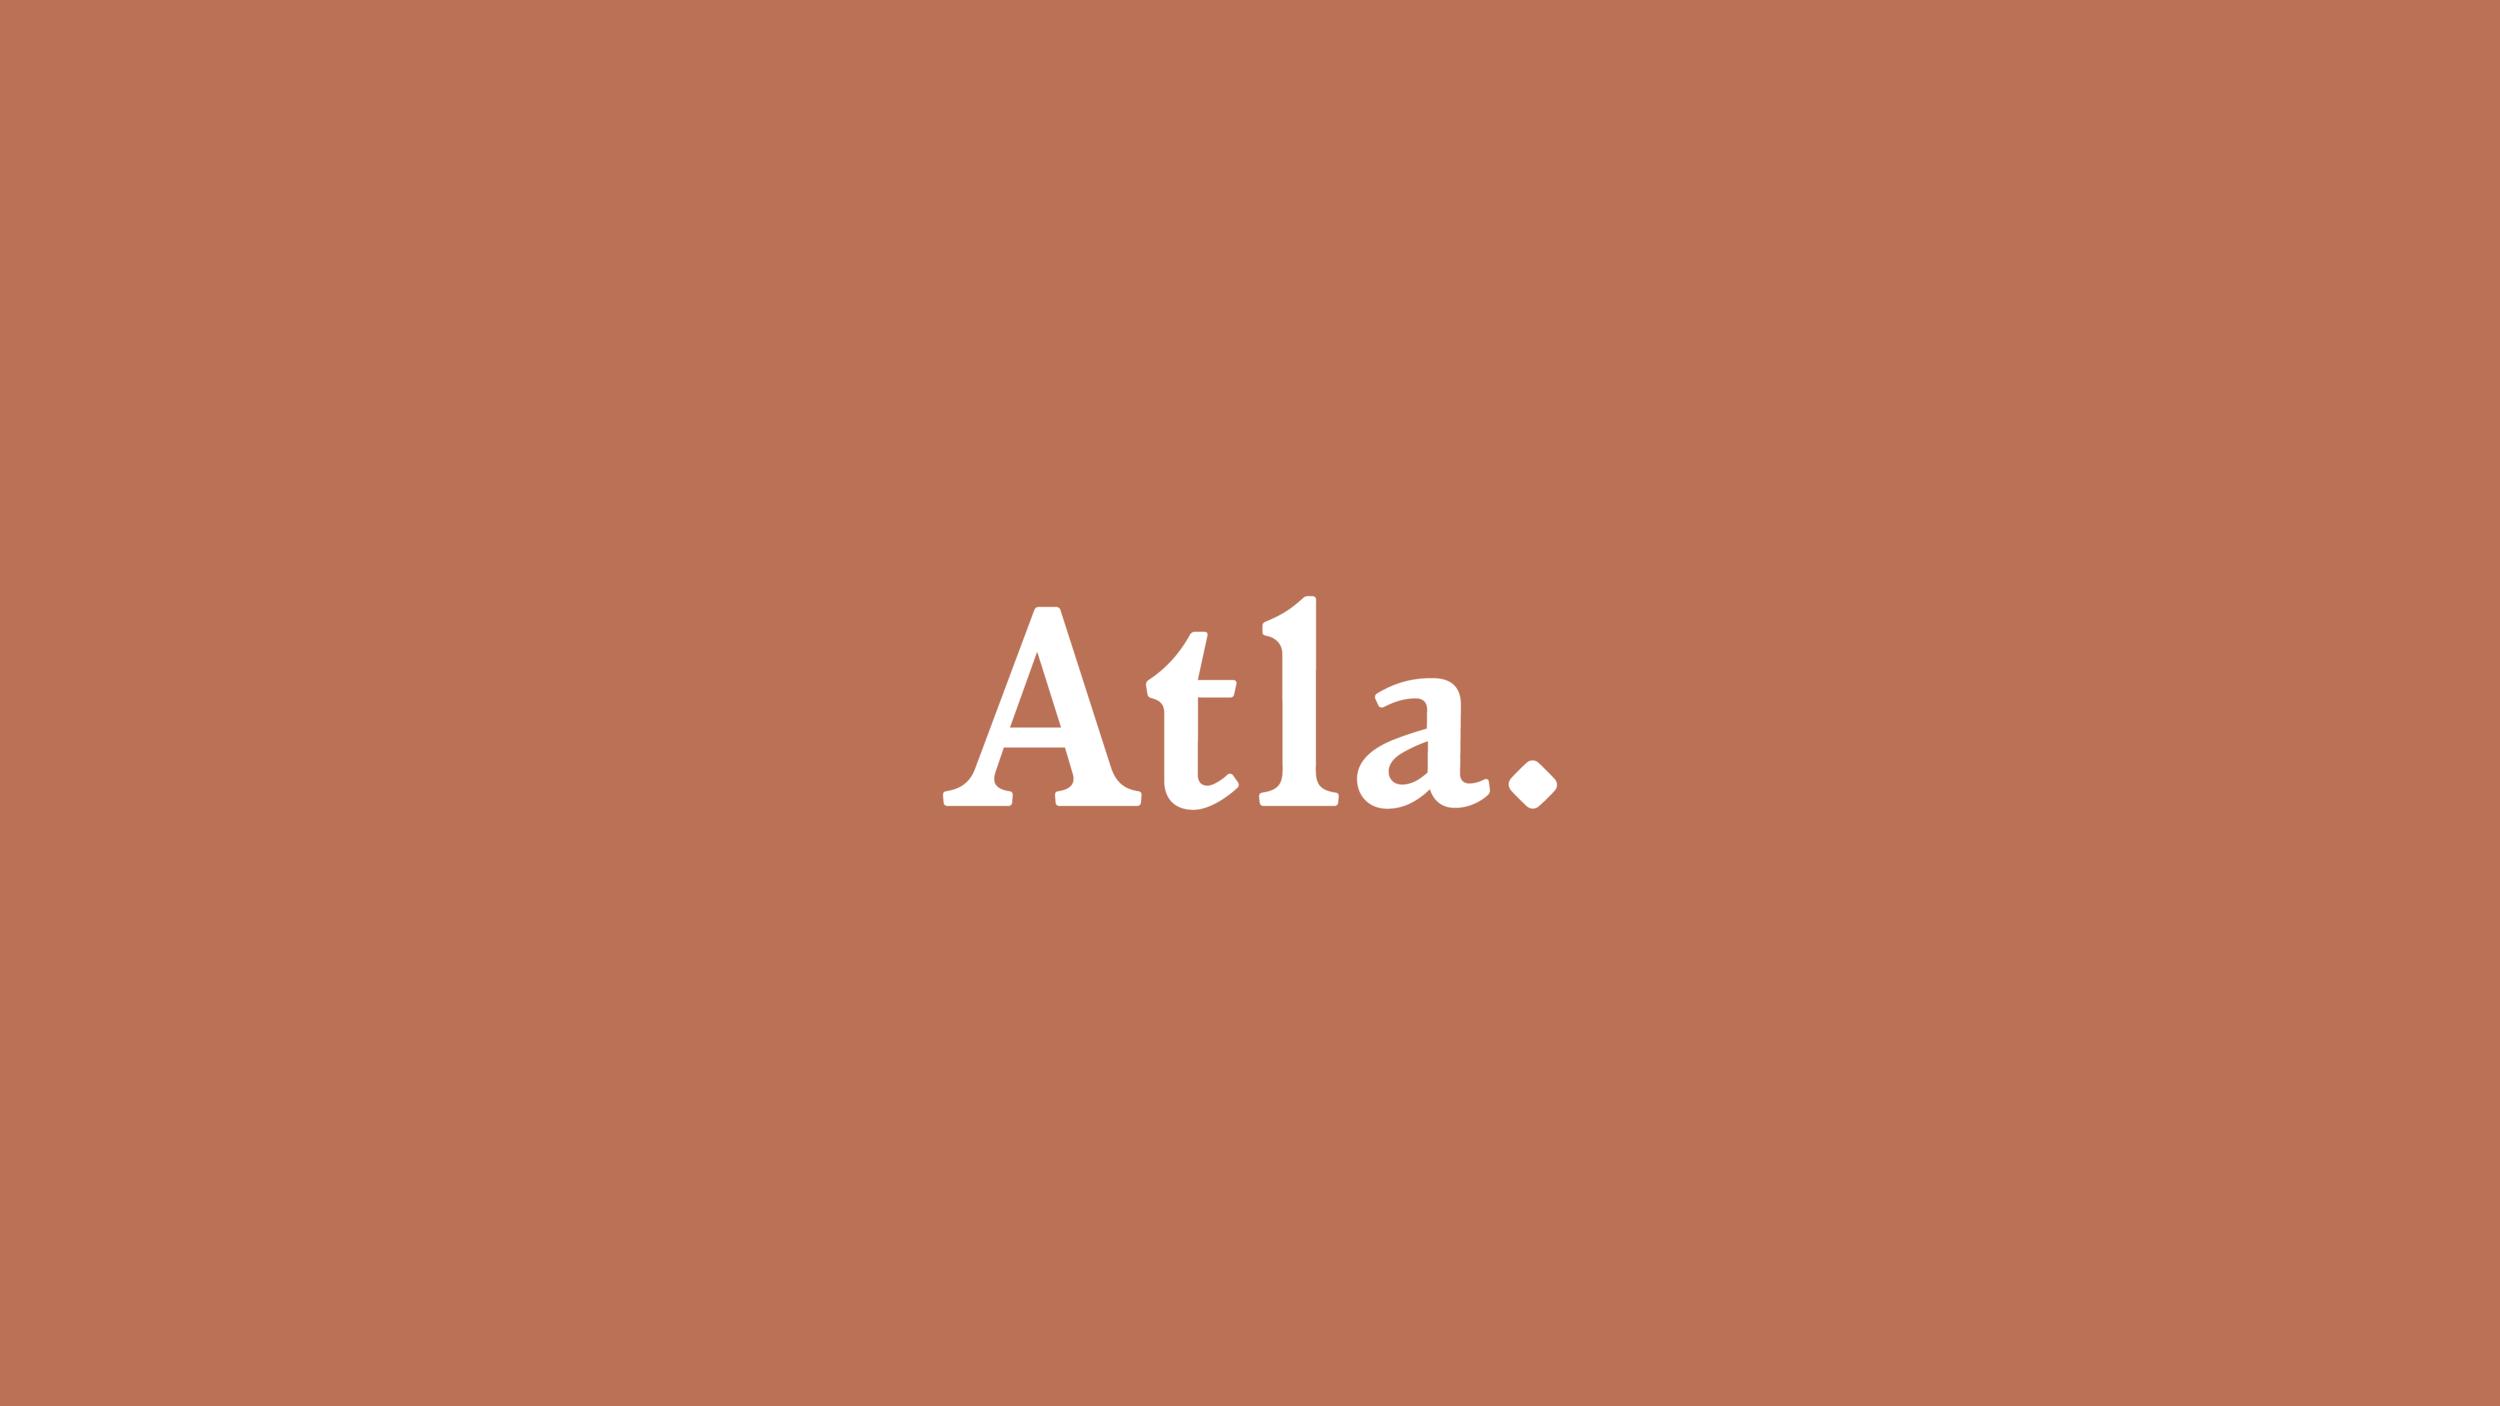 Assets-Website-Portfolio-Atla-Logo.png